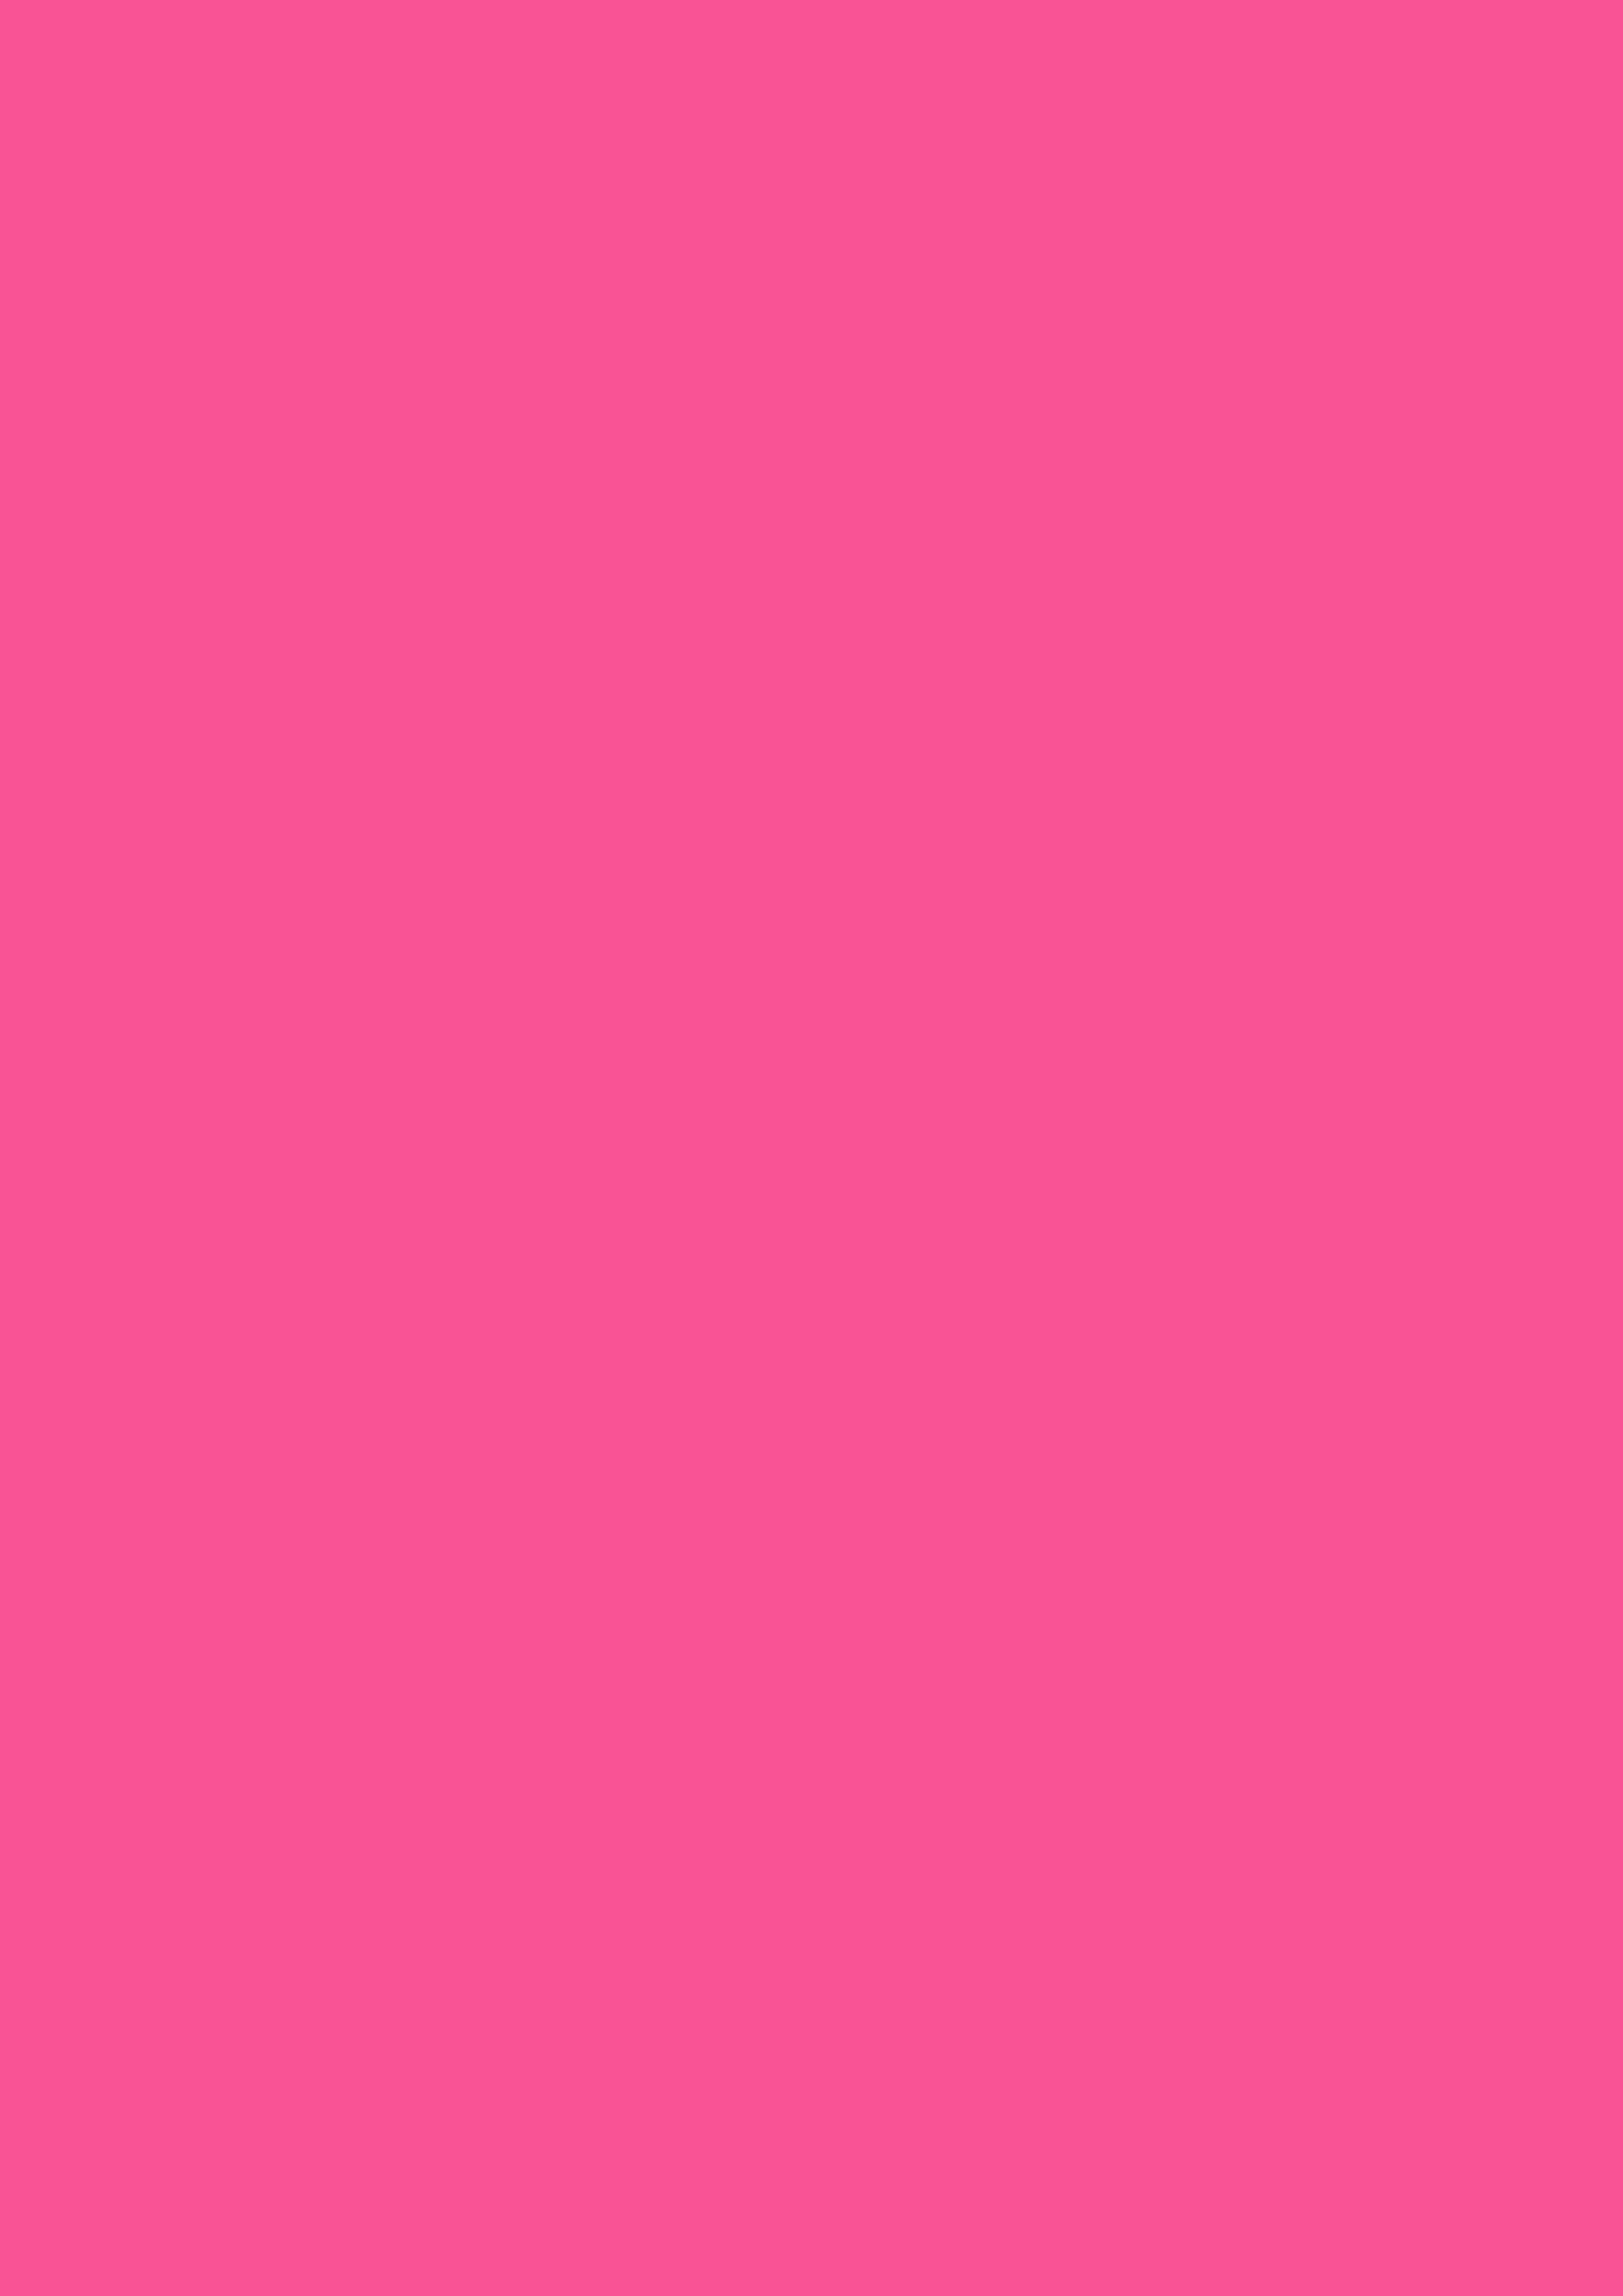 2480x3508 Violet-red Solid Color Background